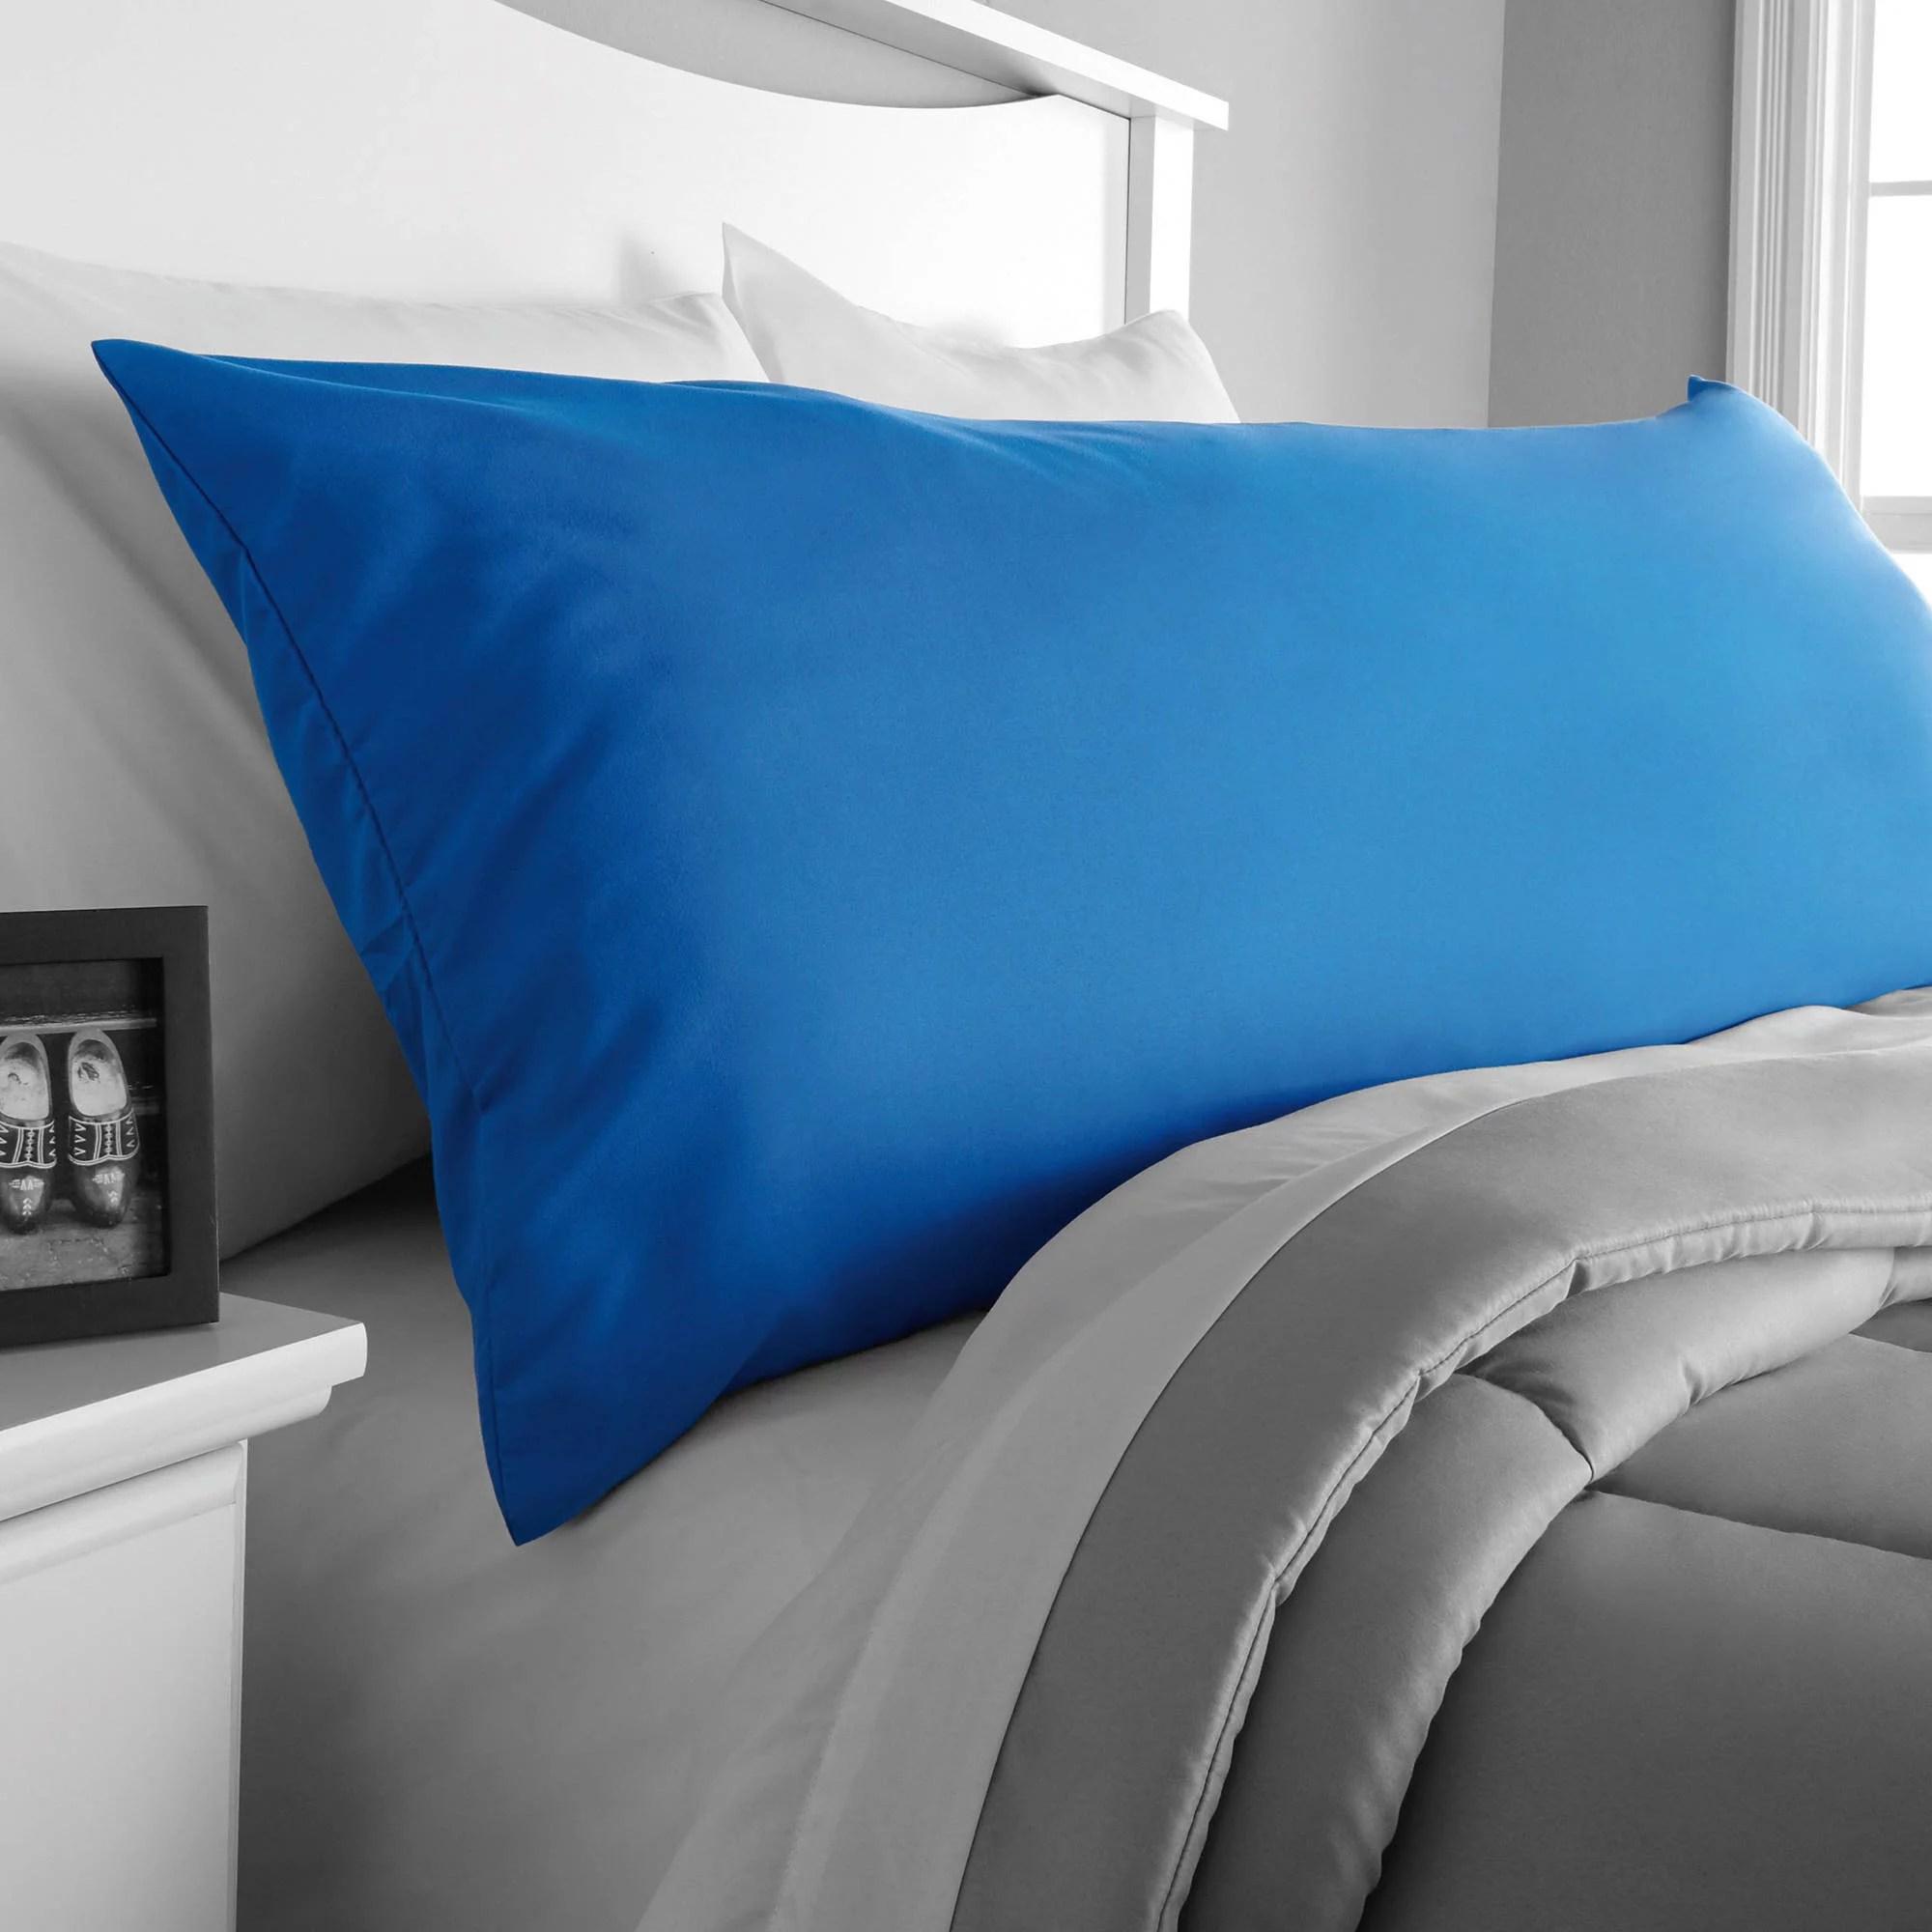 mainstays microfiber 20 x 52 blue body pillow cover 1 each walmart com